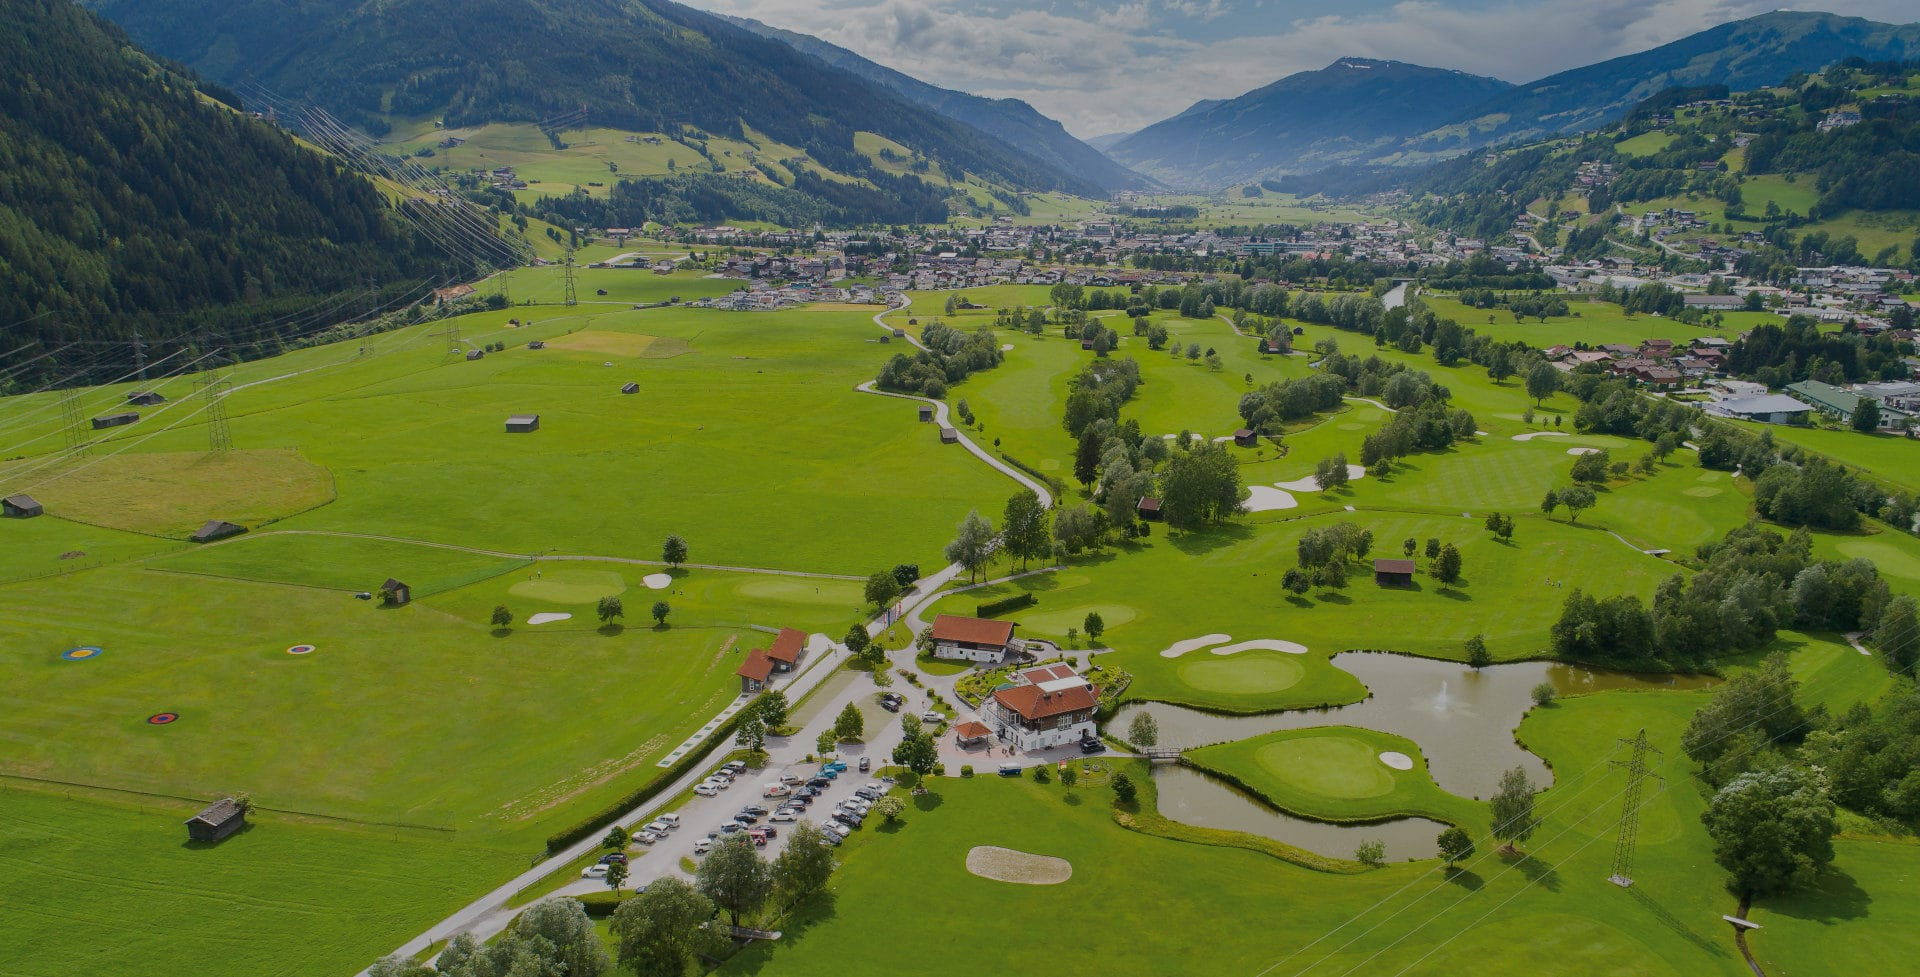 Andrew Darke PGA Professional, Golflehrer, Golfschule, Golfkurse, Golfreisen in Mittersill